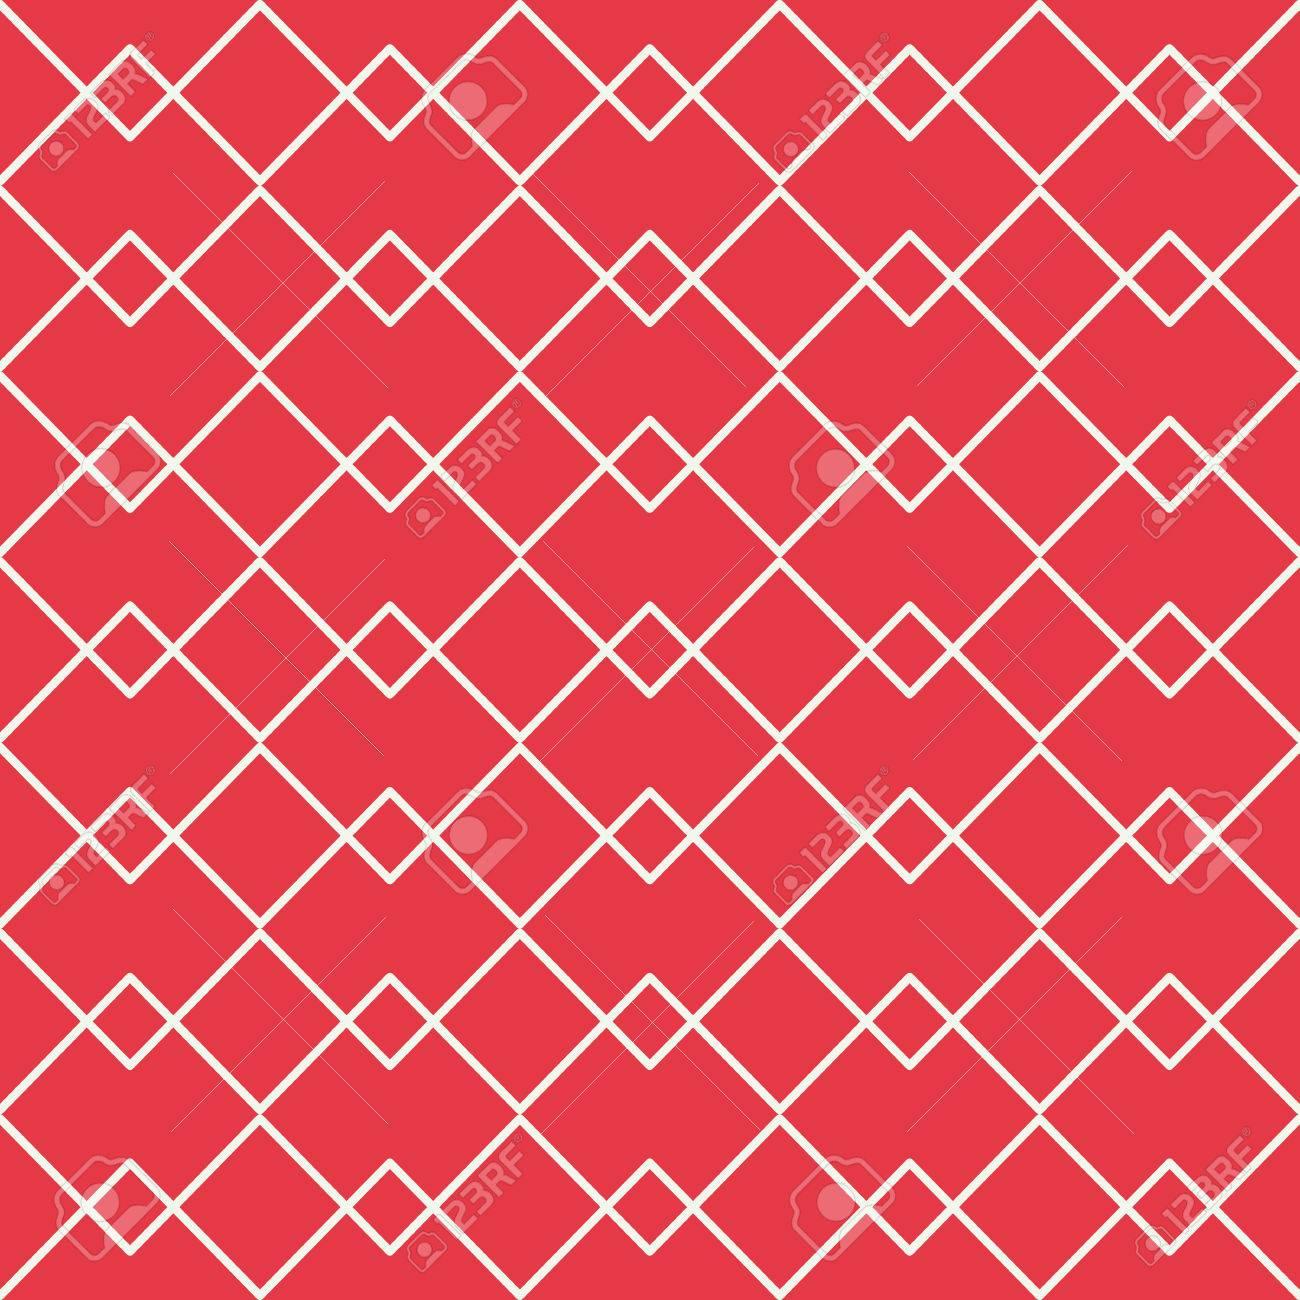 Red Zickzack-Linie Mit Überlappung Linie Nahtlose Vektor-Muster ...